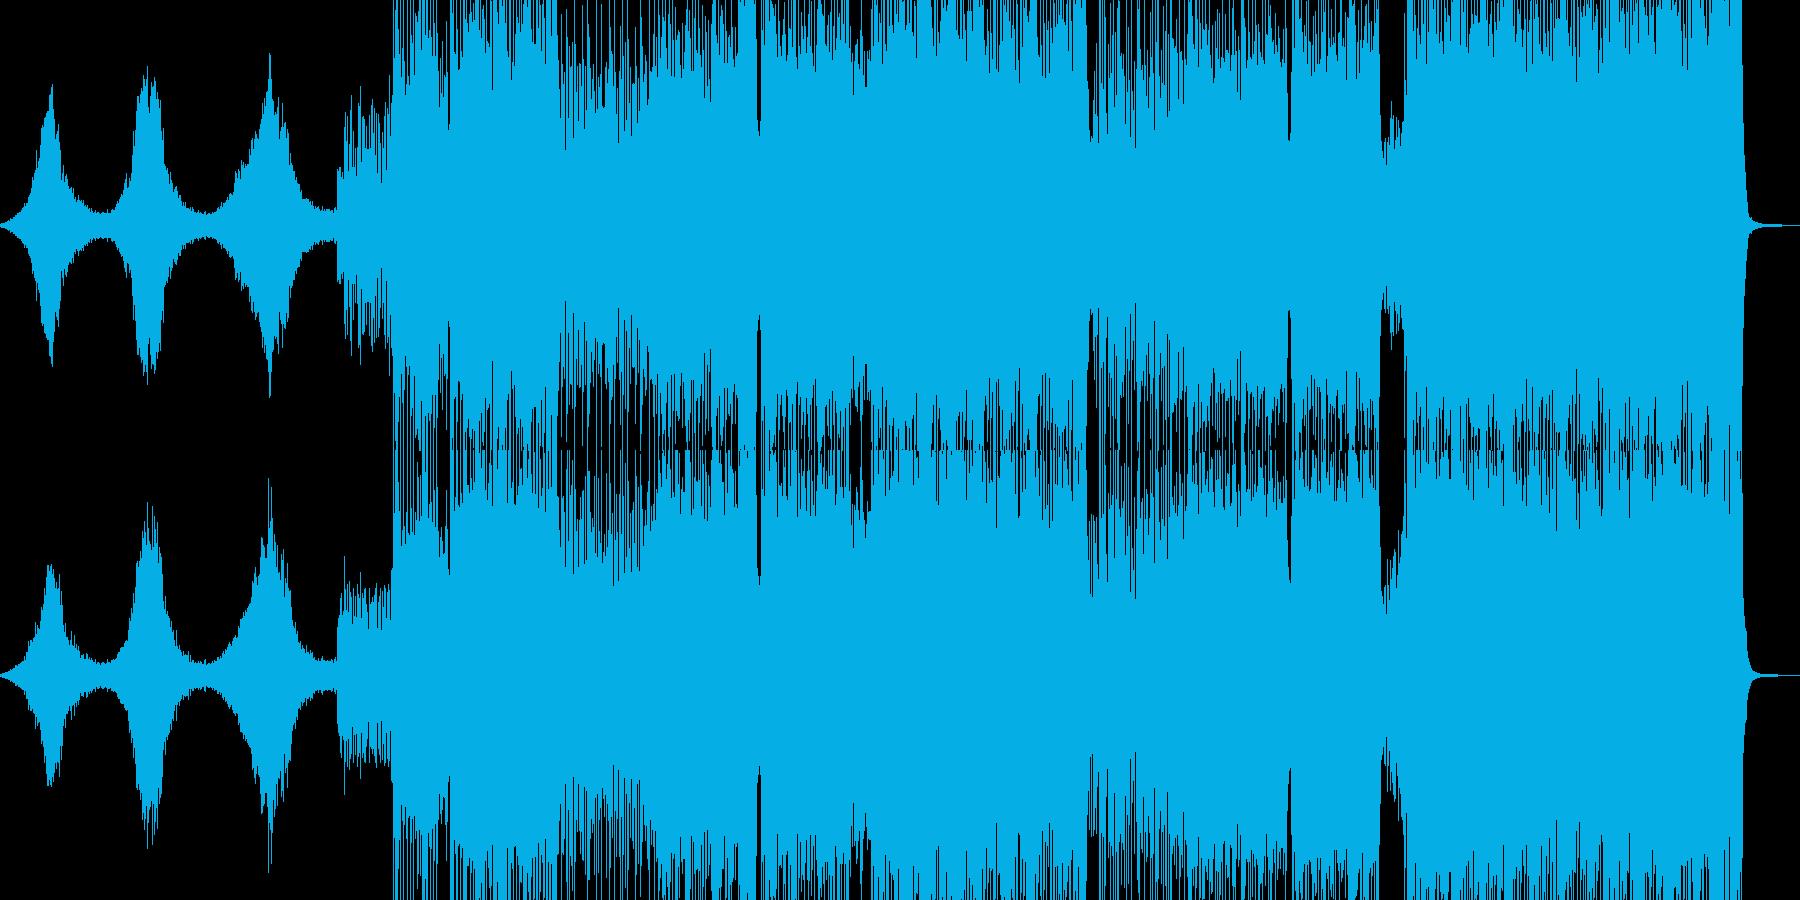 アクセルを踏み込みたくなるようなレイブの再生済みの波形